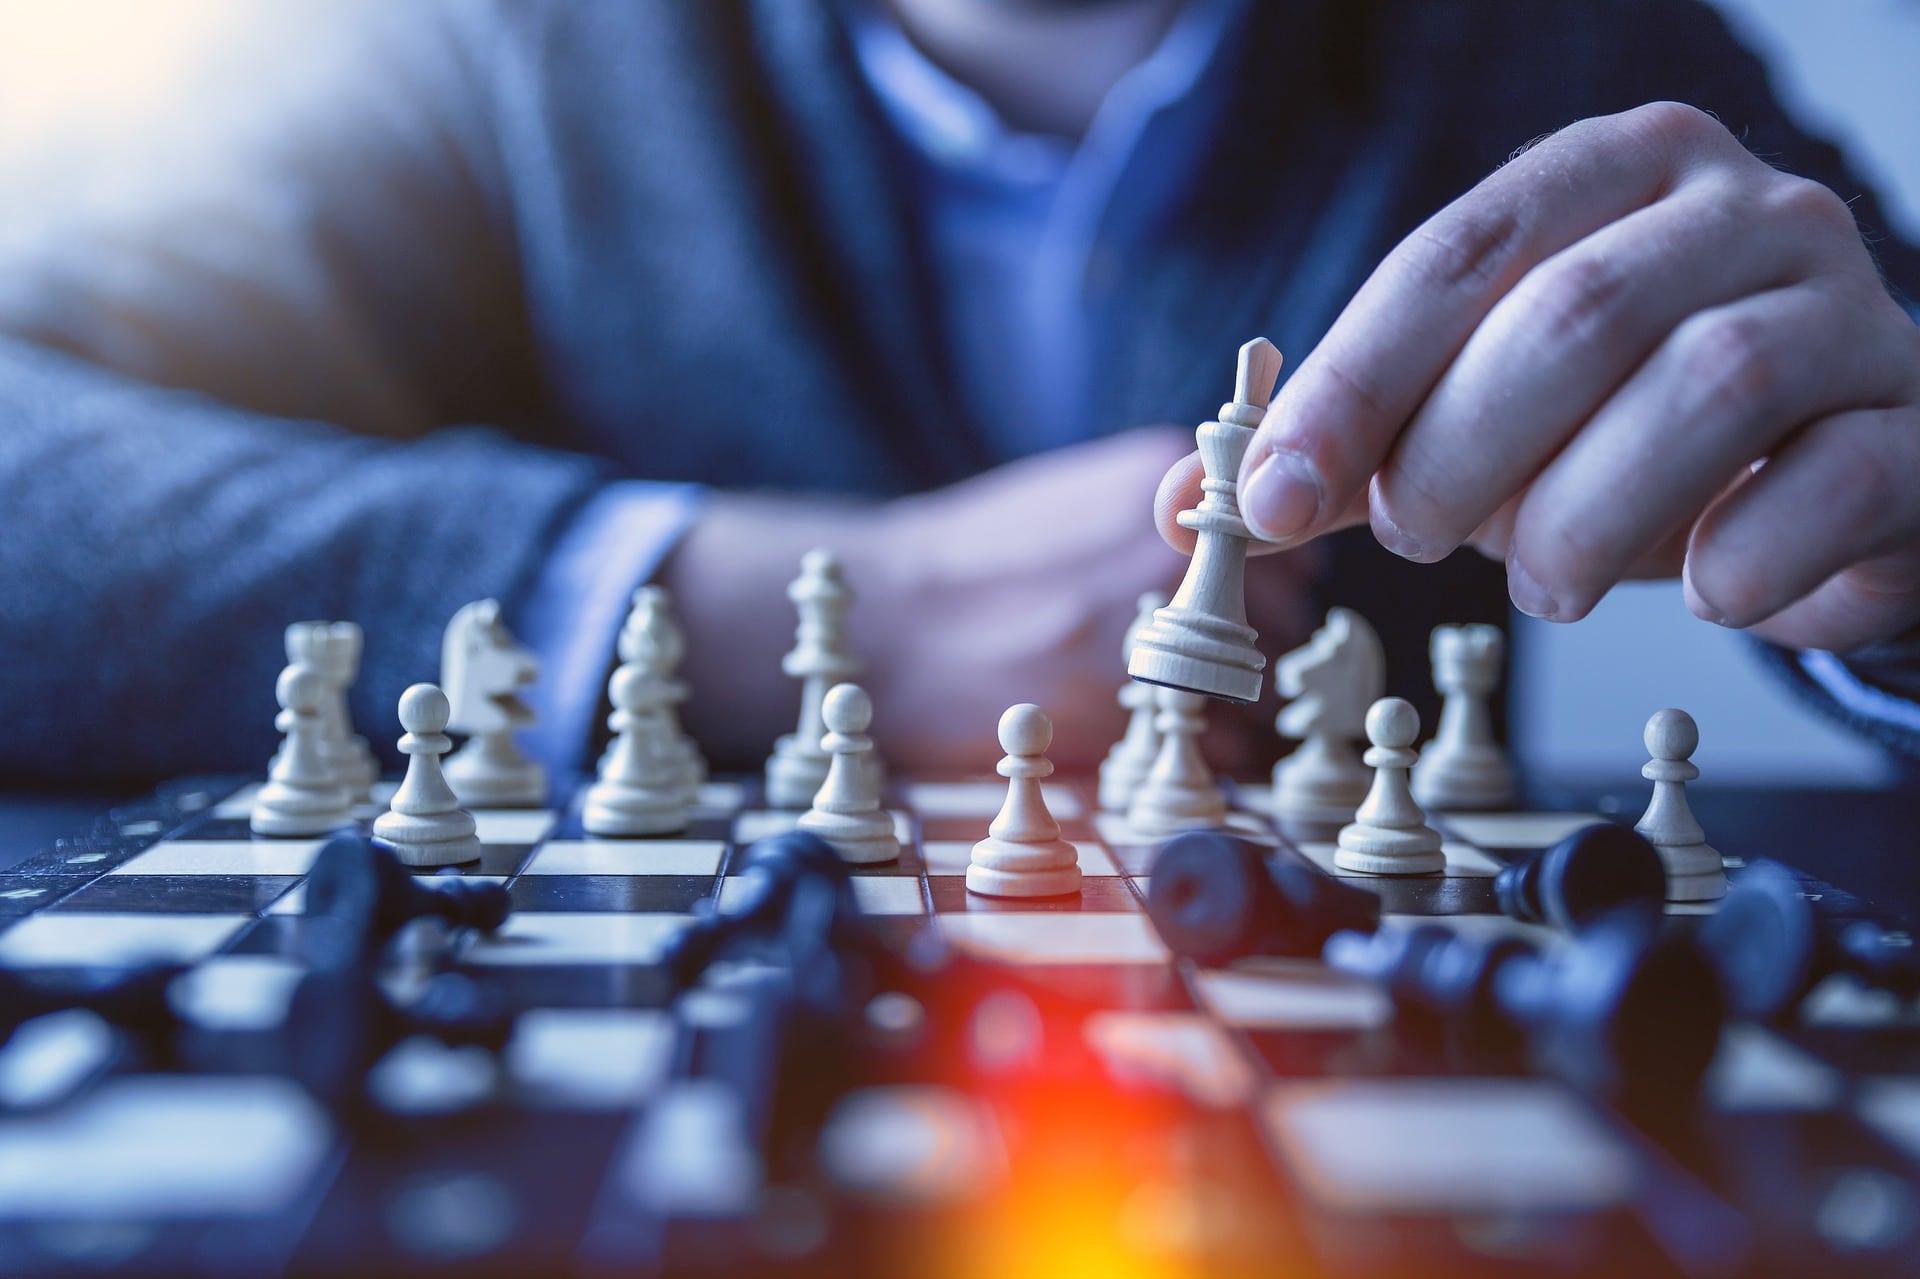 Stratégie du joueur d'echec